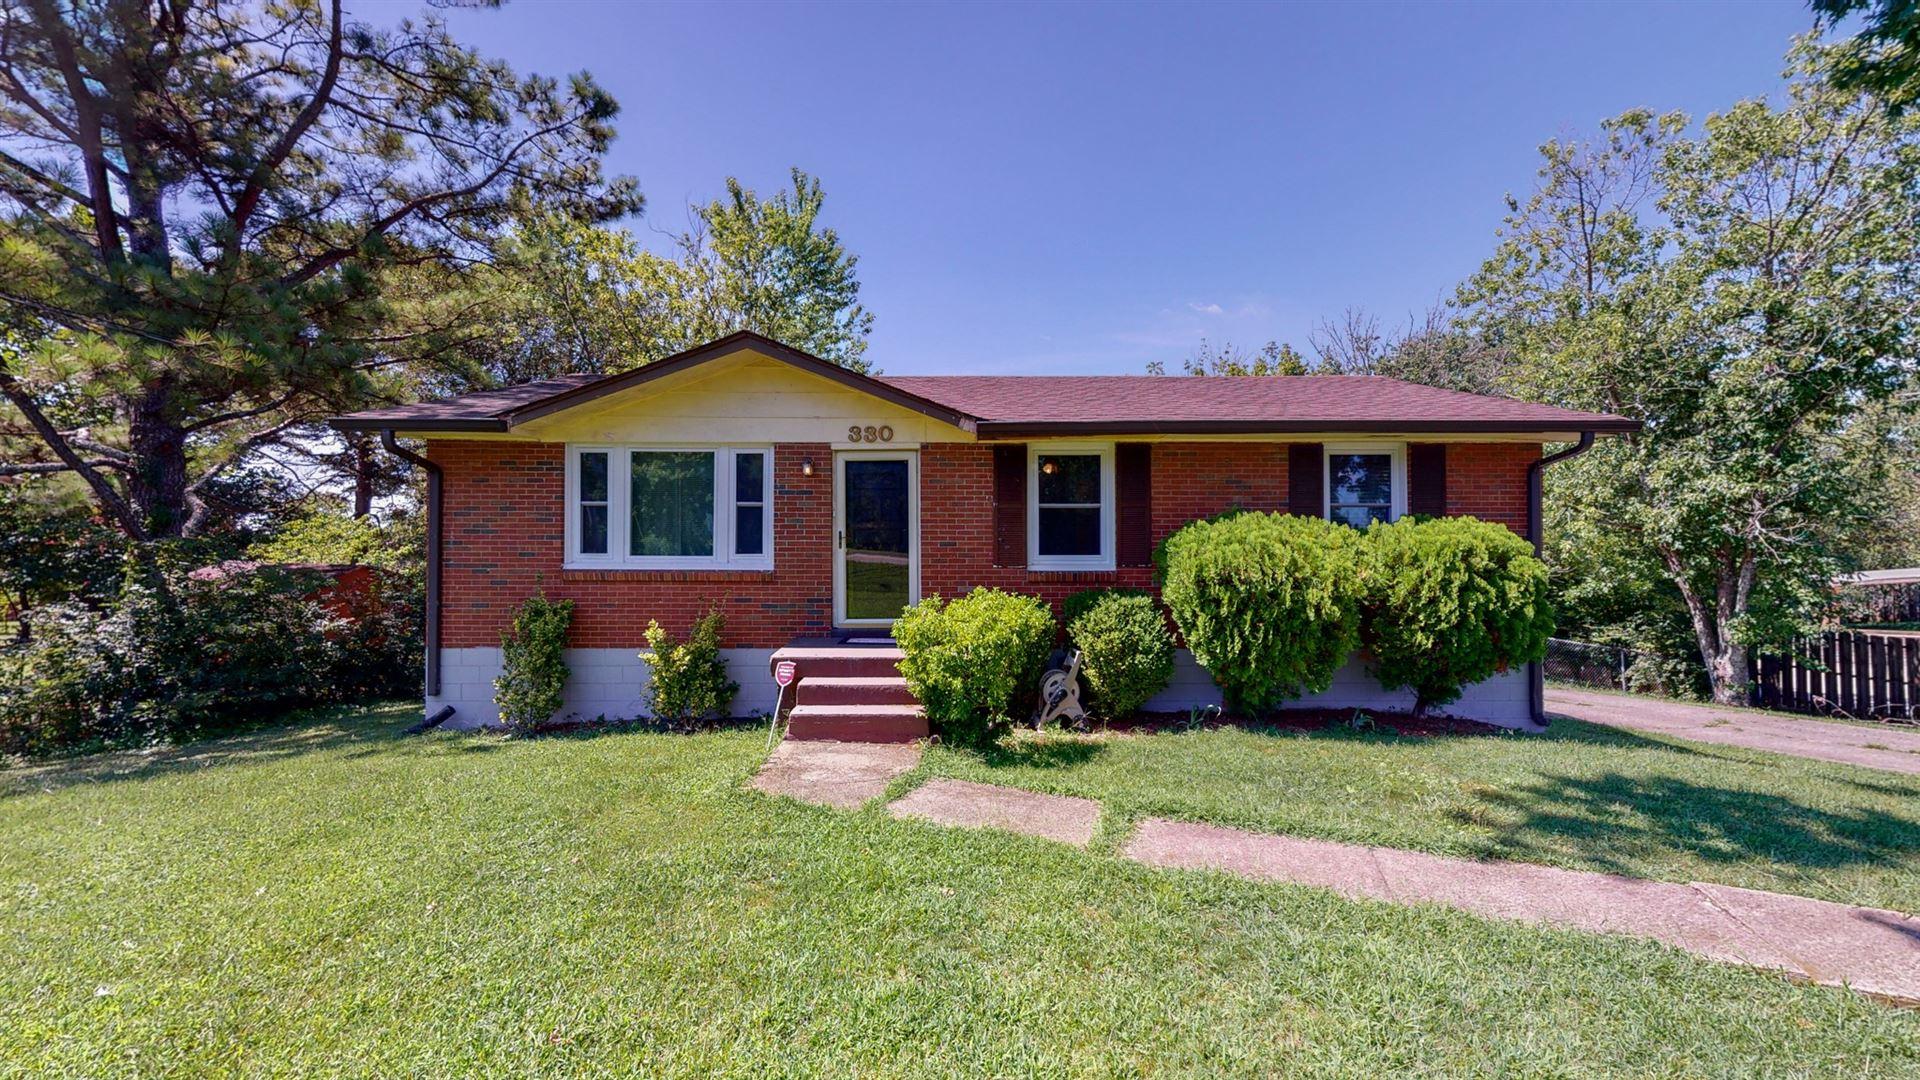 330 Alta Loma Rd, Goodlettsville, TN 37072 - MLS#: 2181784